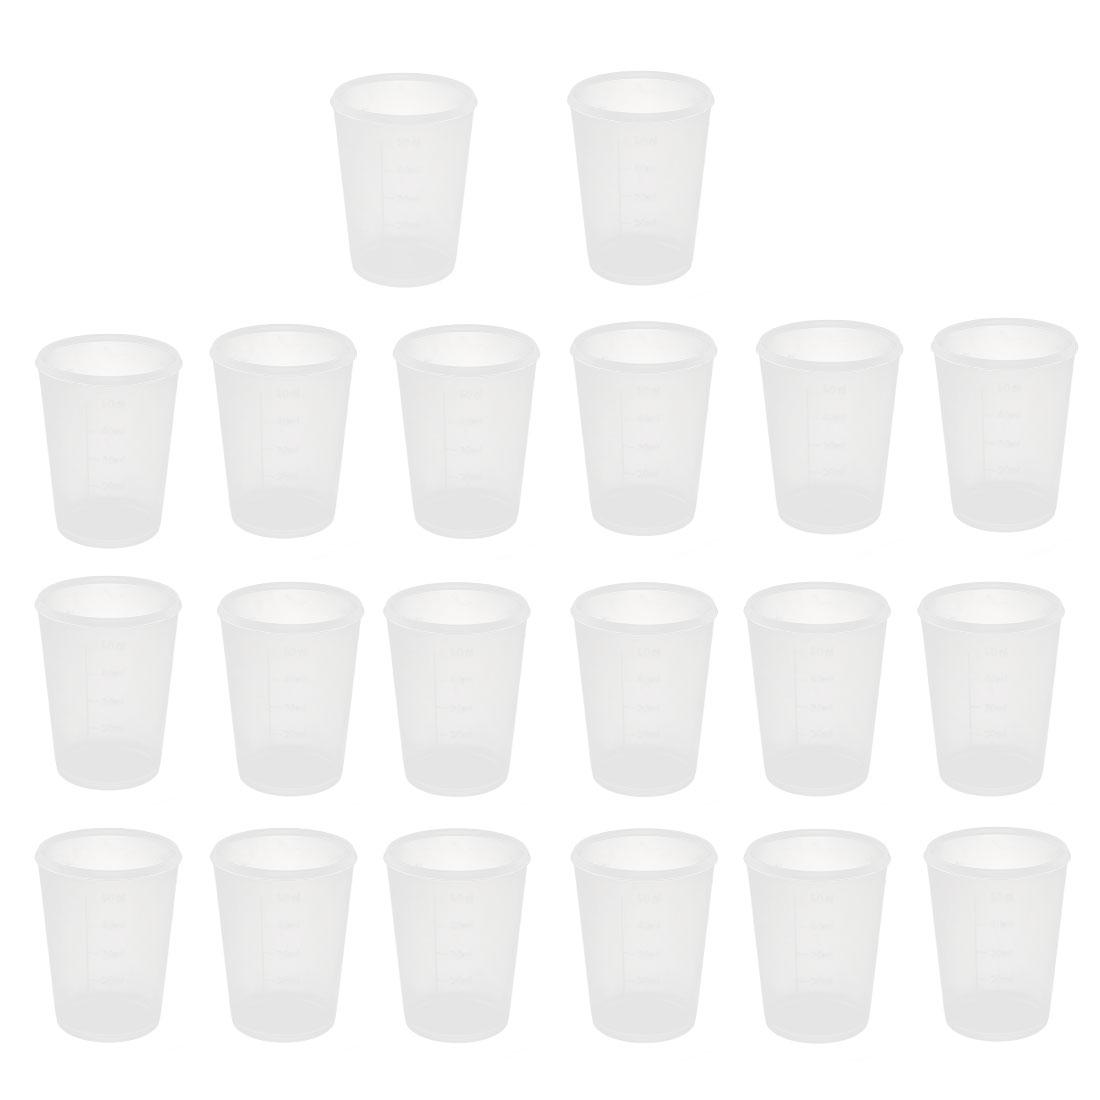 20pcs School Lab Plastic Liquid Container Measuring Testing Beaker 50mL Capacity